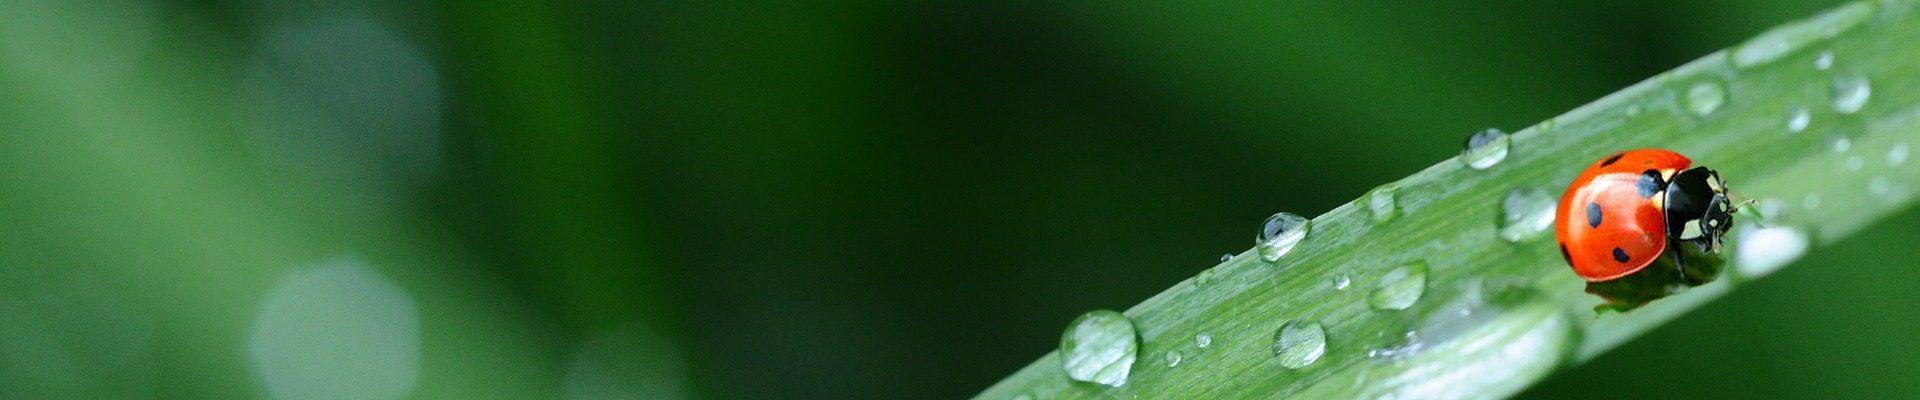 Catégorie: Environnement / développement soutenable